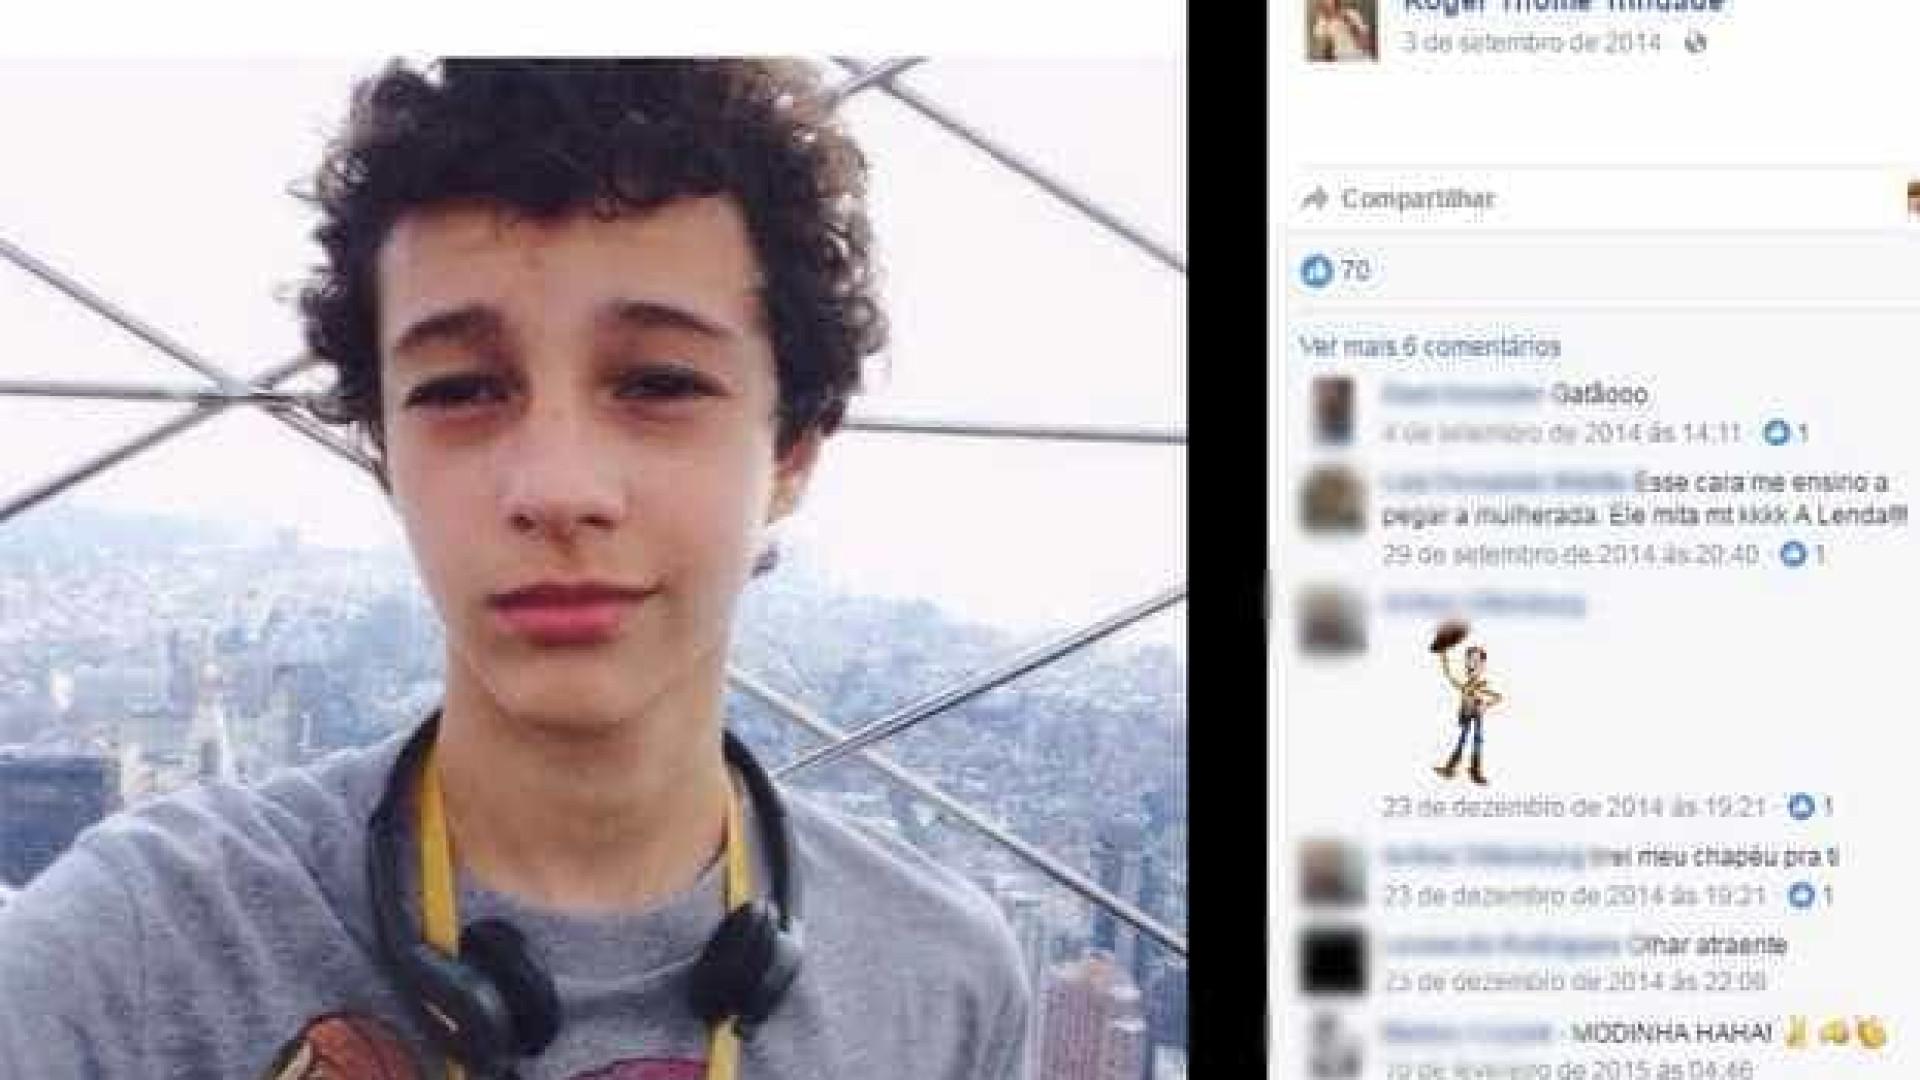 Morte de brasileiro não foi racismo, diz polícia americana